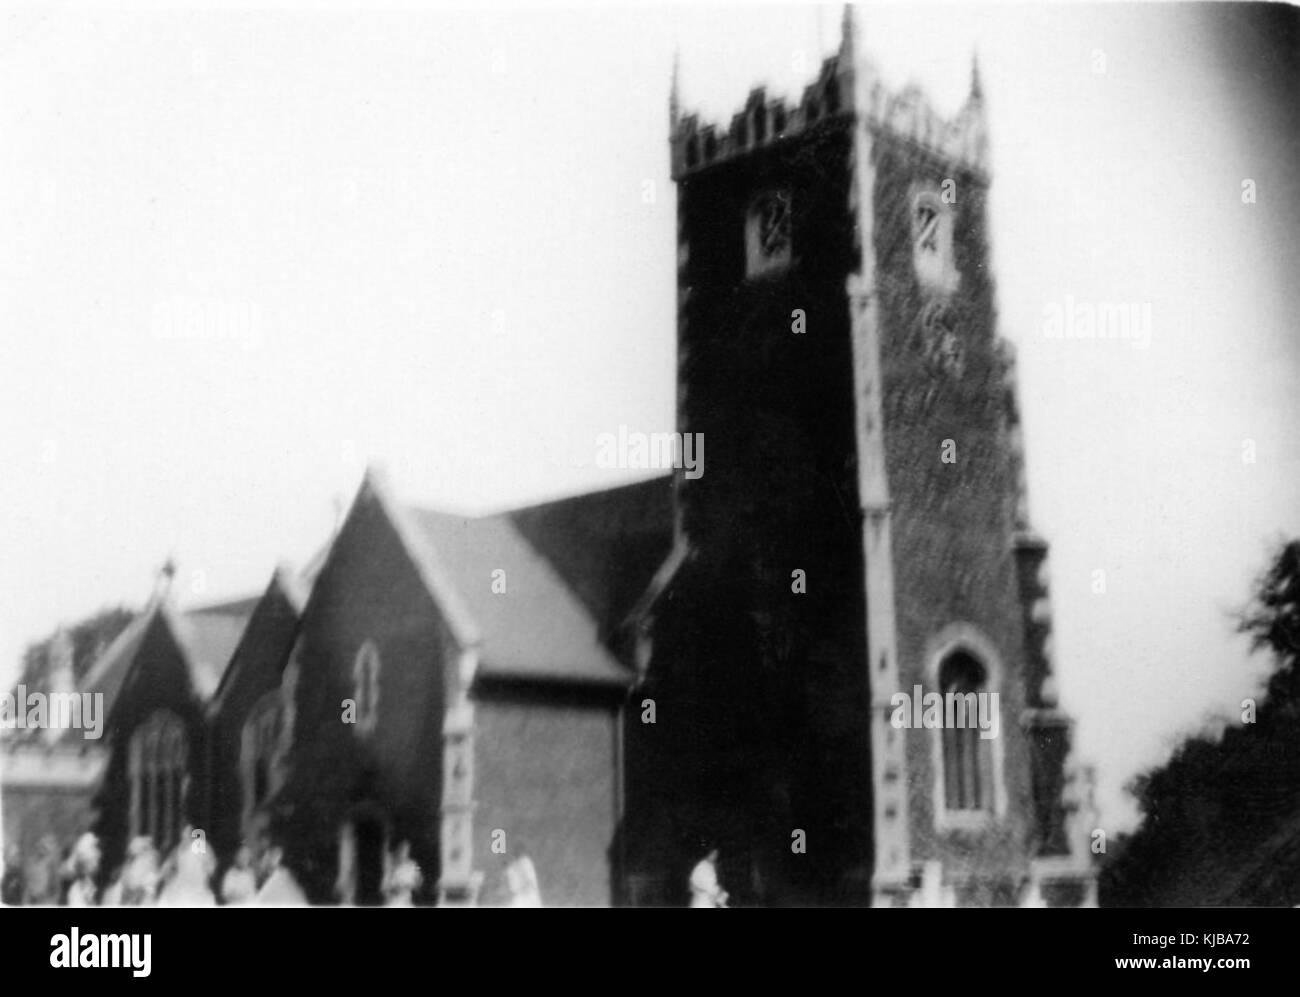 1930s St Mary Magdelene, Sandringham - Stock Image